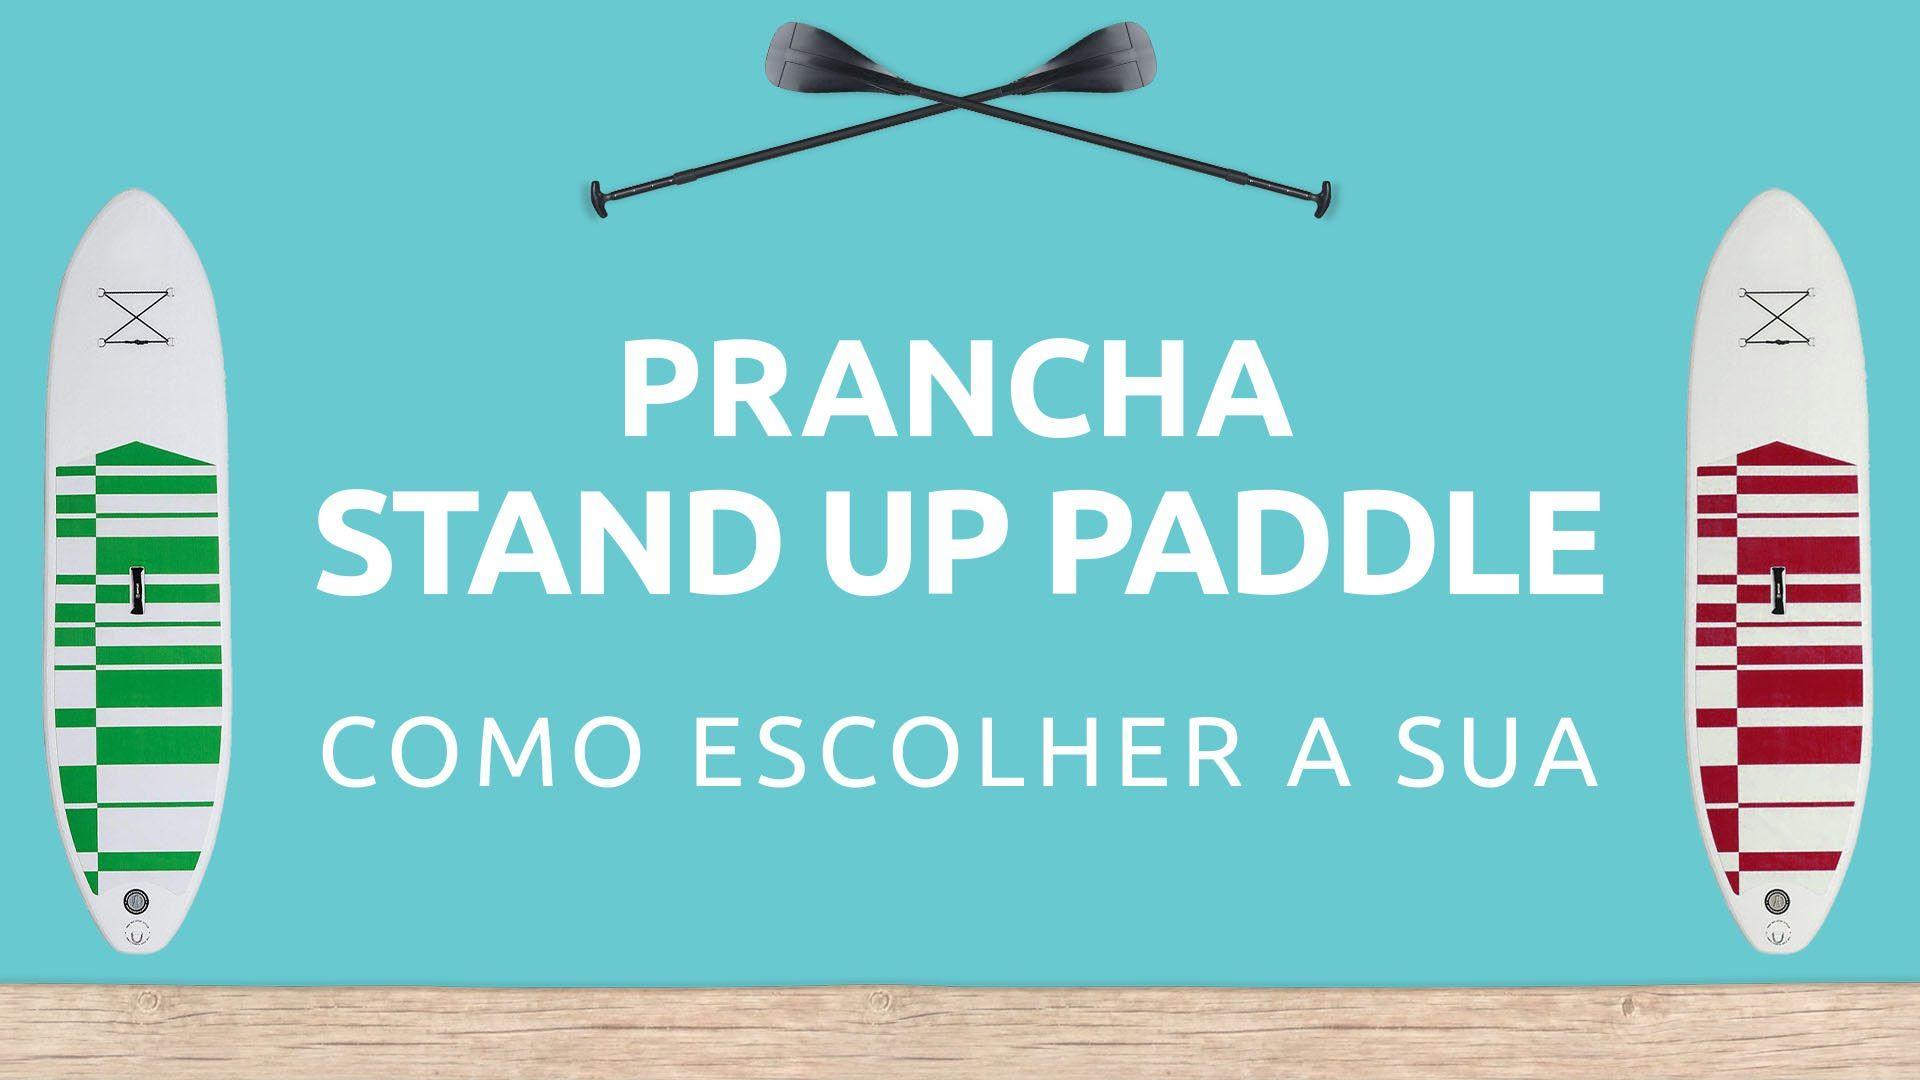 7fd71ba65 Prancha Stand Up Paddle - Como escolher a sua